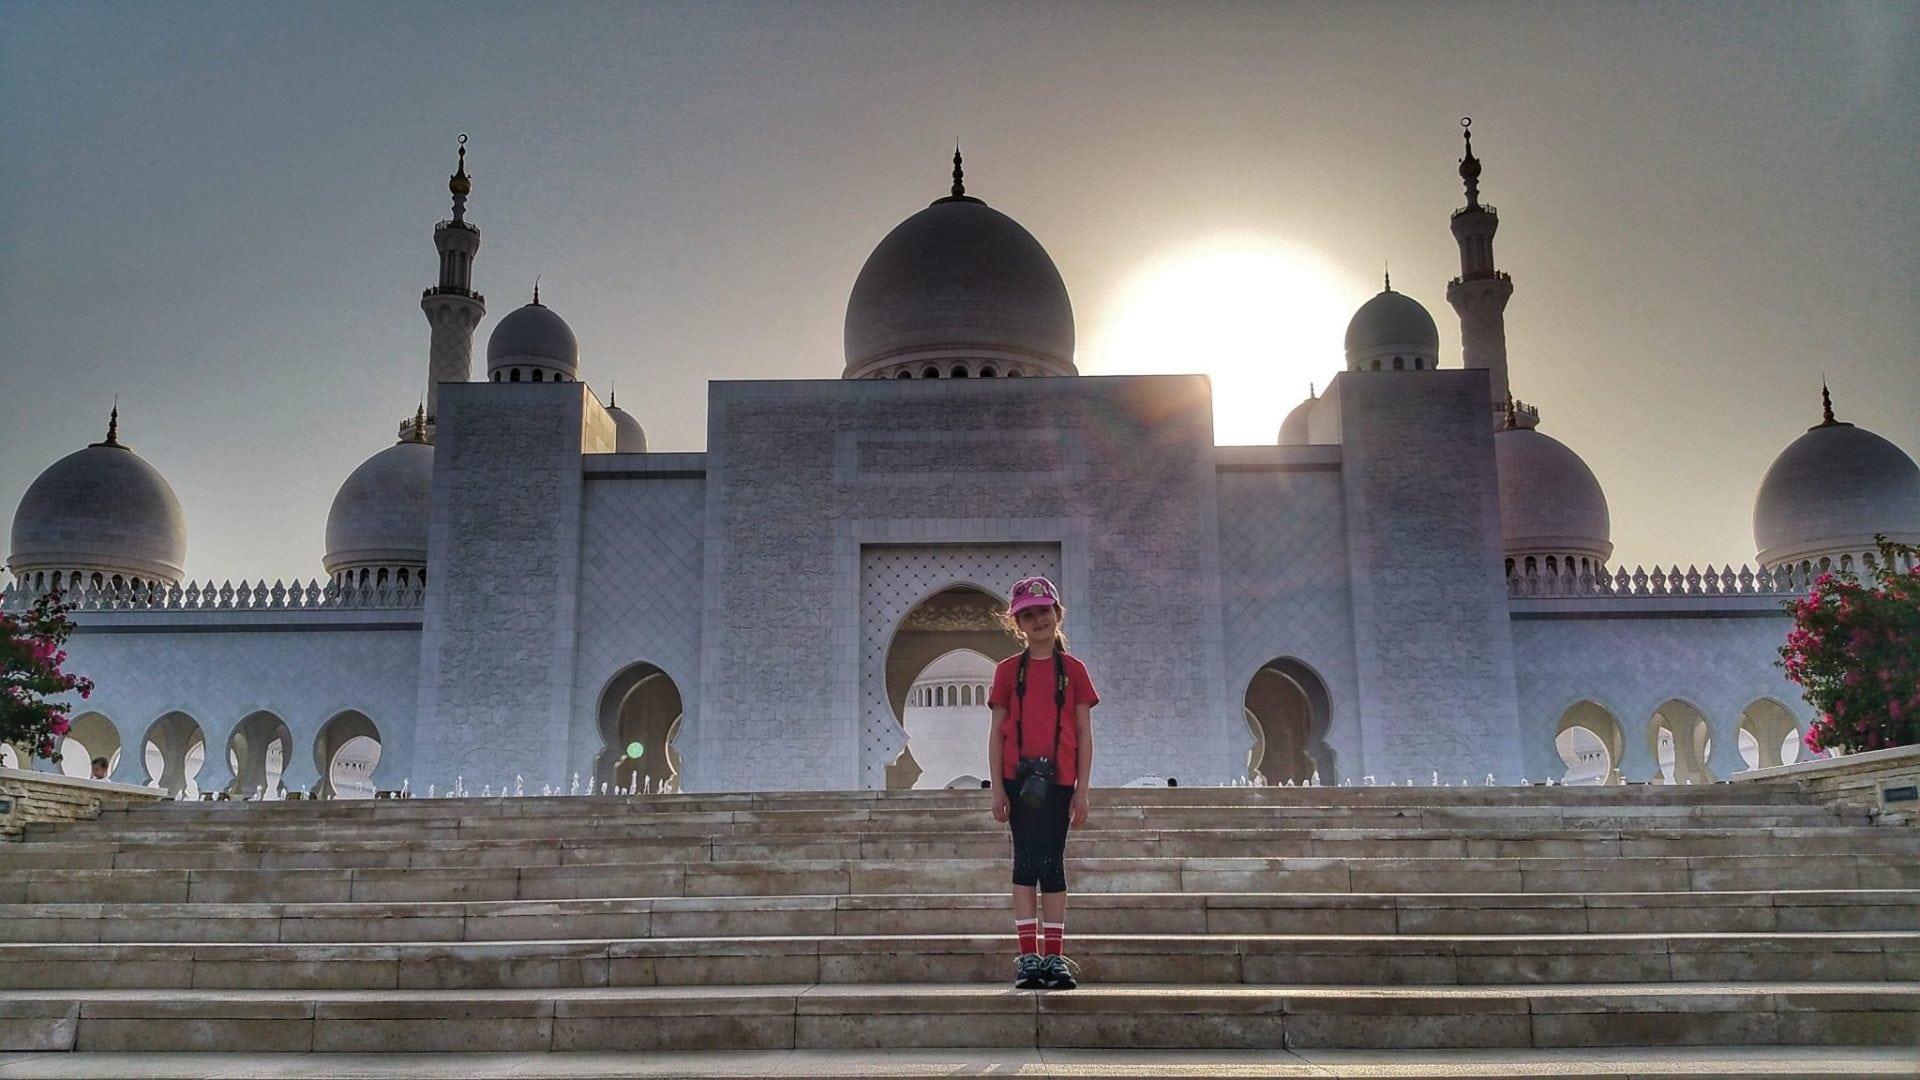 جامع الشيخ زايد - صورة أخرى لزوجتي المحترفة